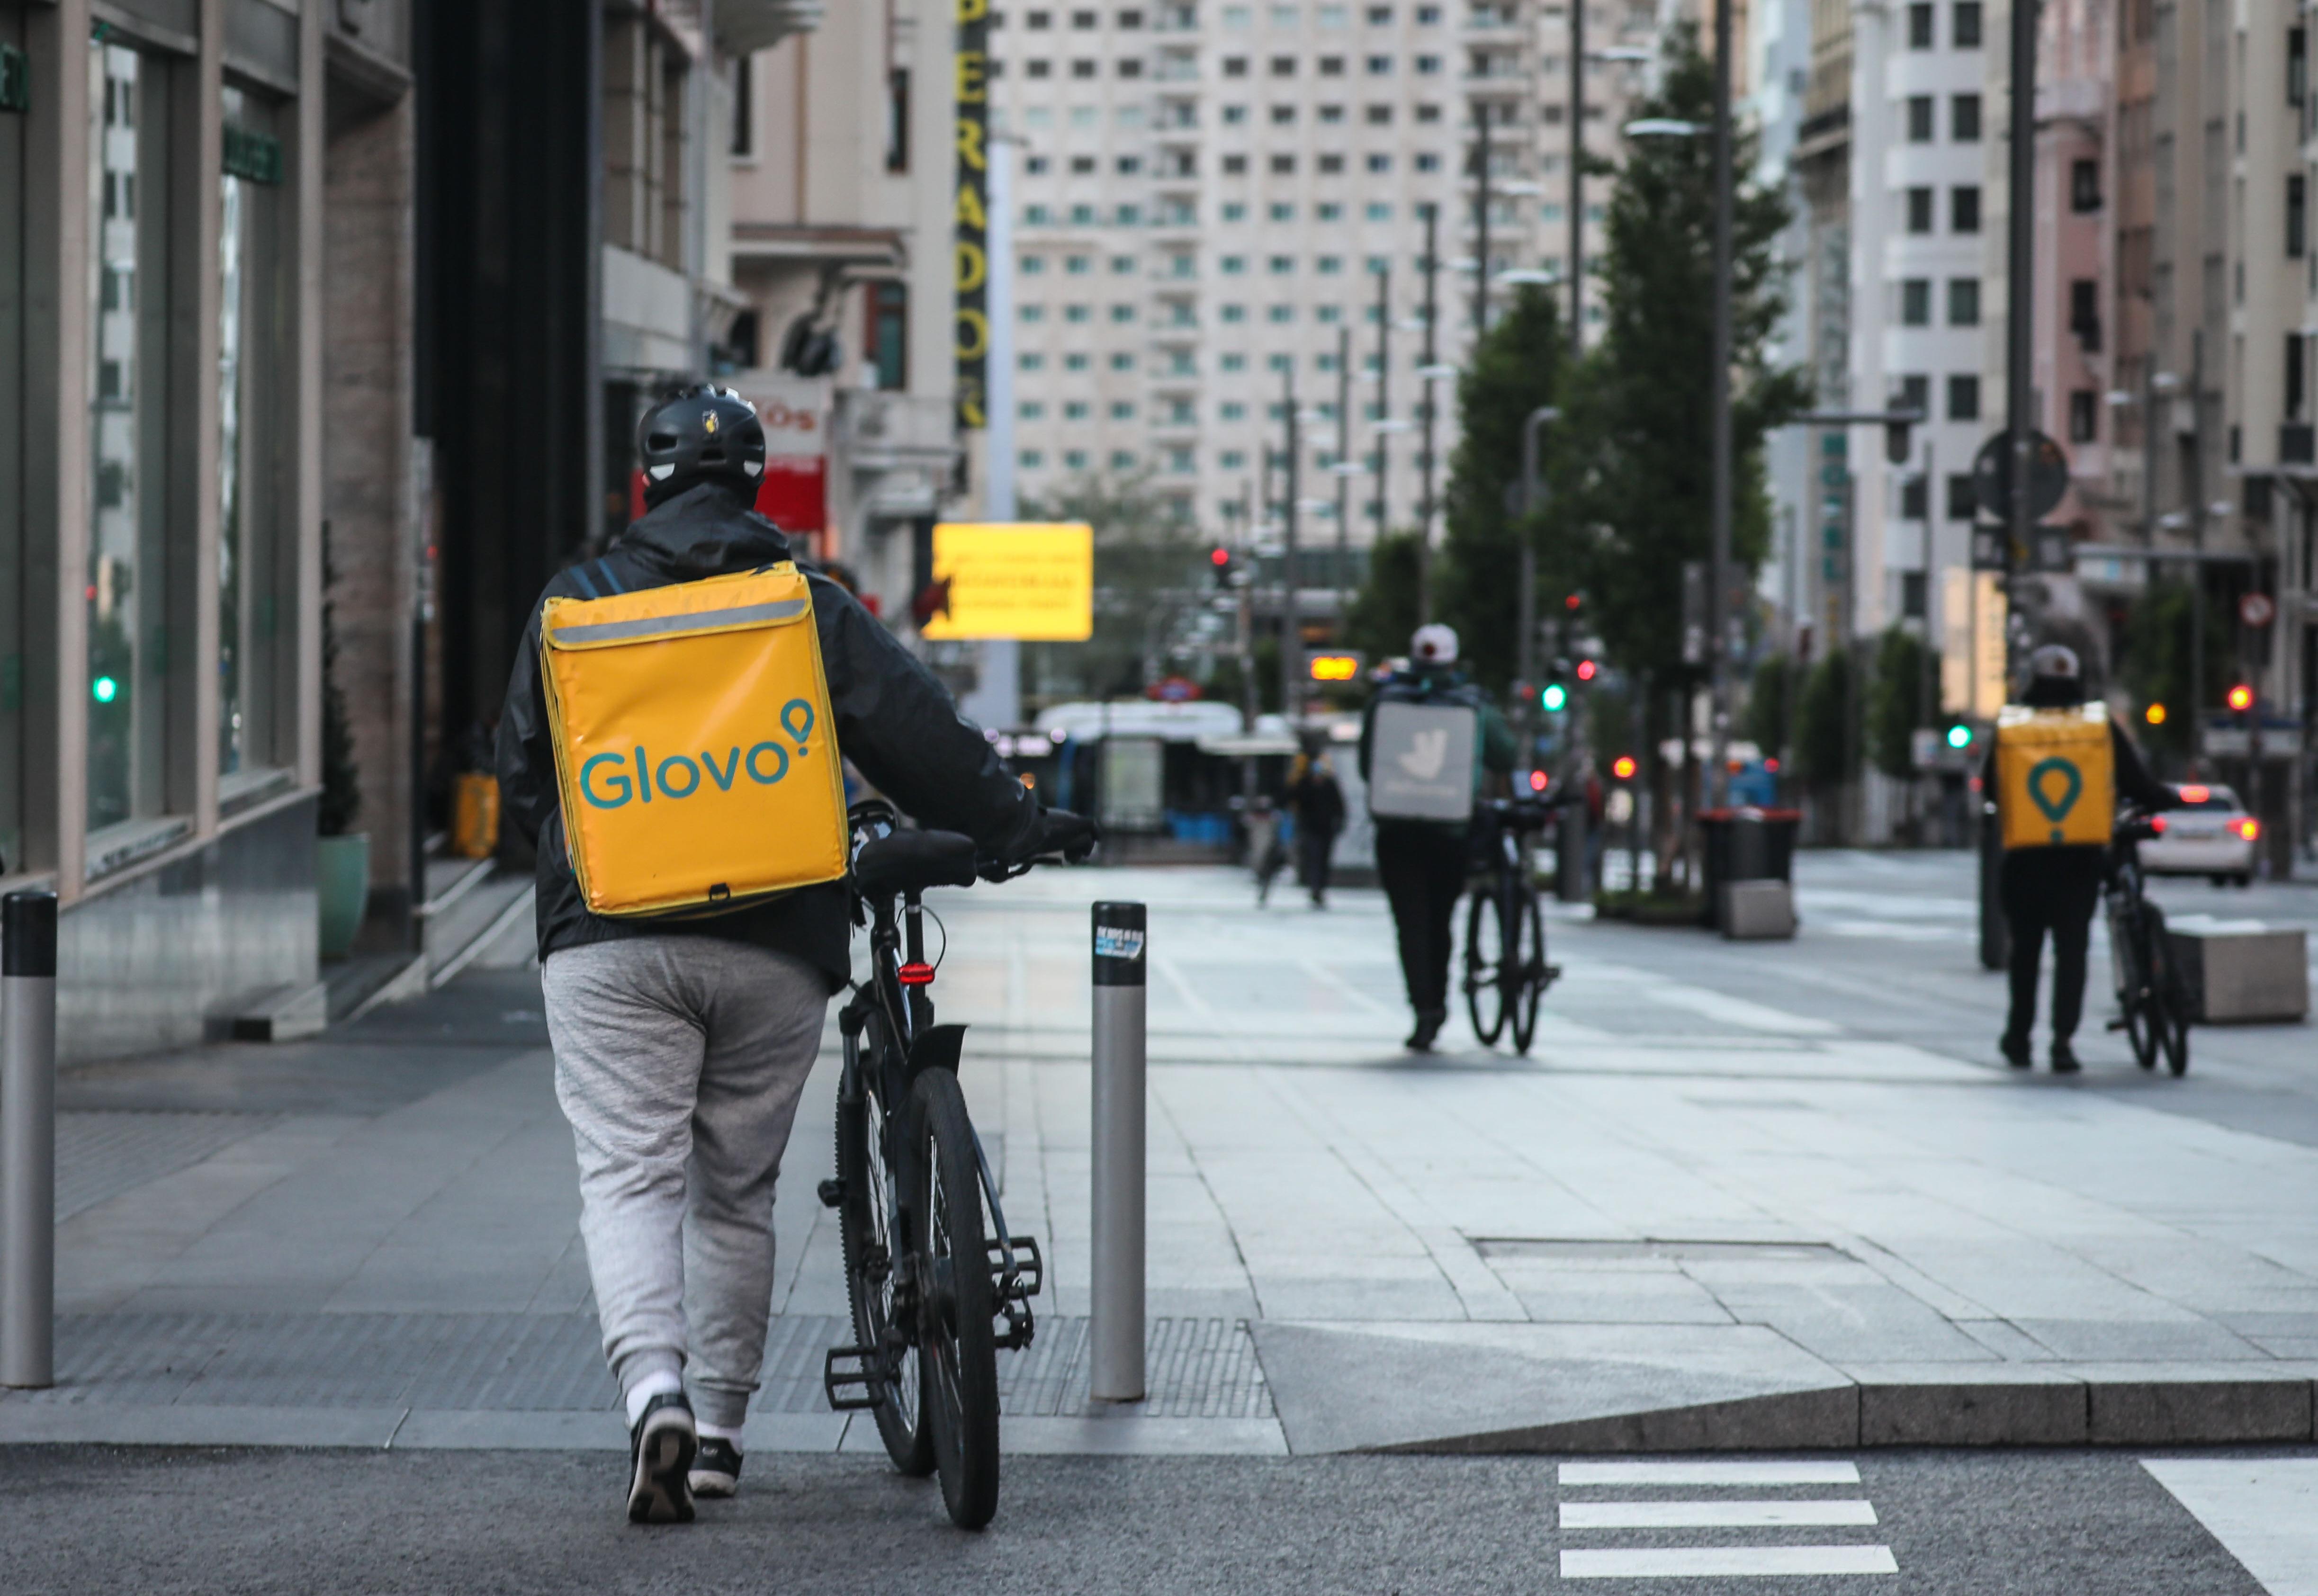 Glovo se resiste a regularizar a sus ?riders? pese a la sentencia del Supremo: ?Calma, el modelo actual seguirá?